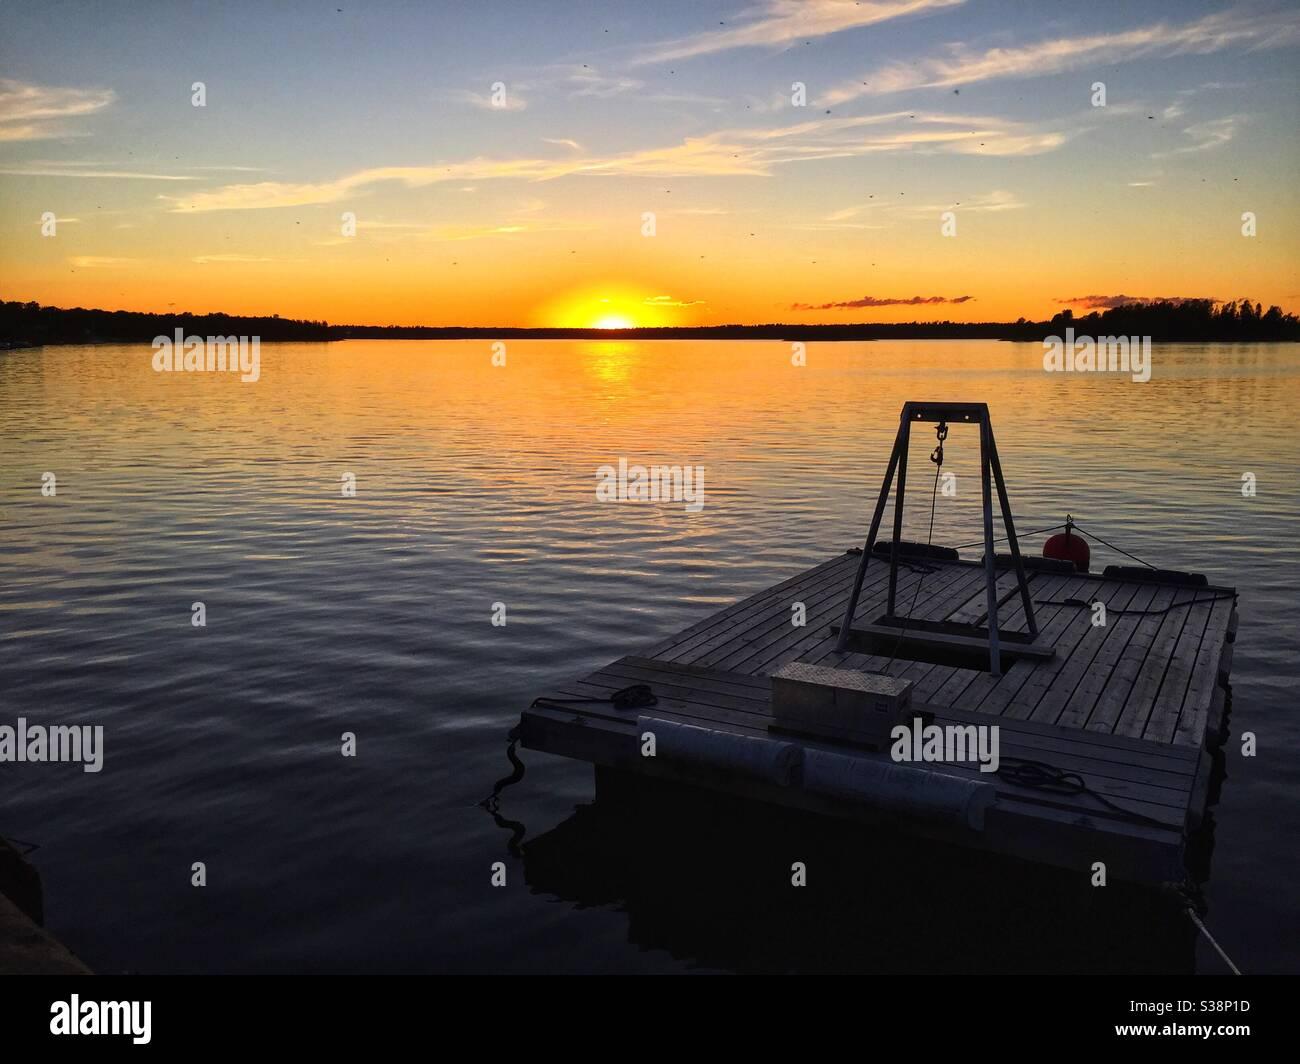 Coucher de soleil sur le port de Gräddö, Stockholm, Suède. Banque D'Images